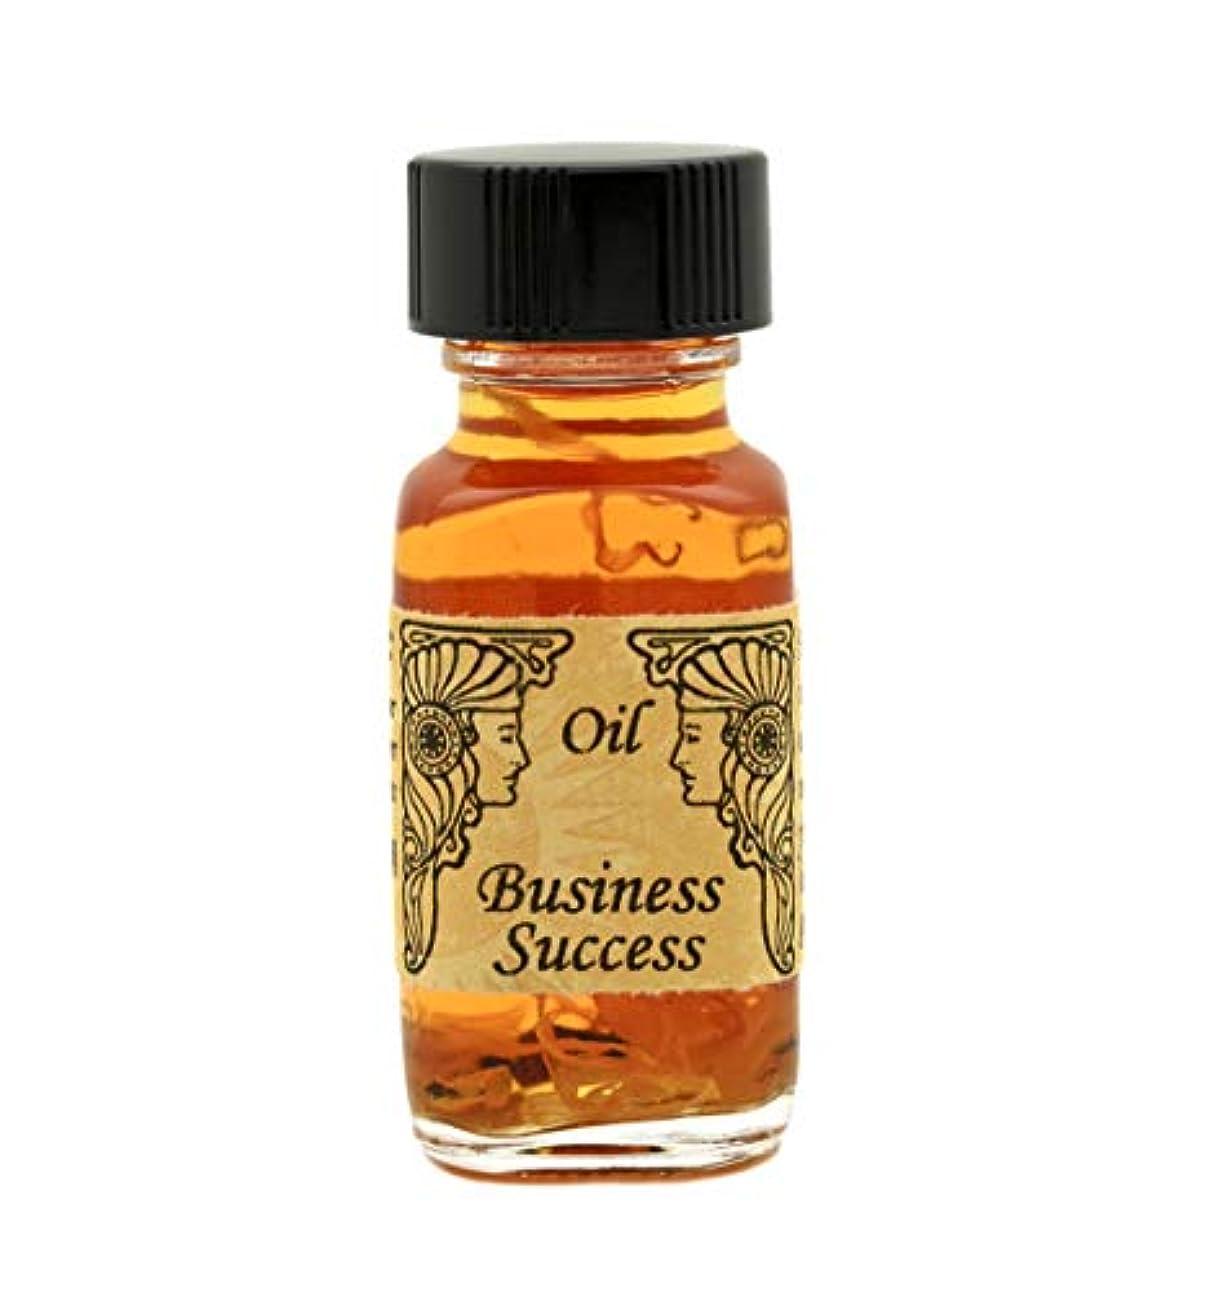 ボルト怠感喜びアンシェントメモリーオイル 2015年新作 Business Success (ビジネスの成功)